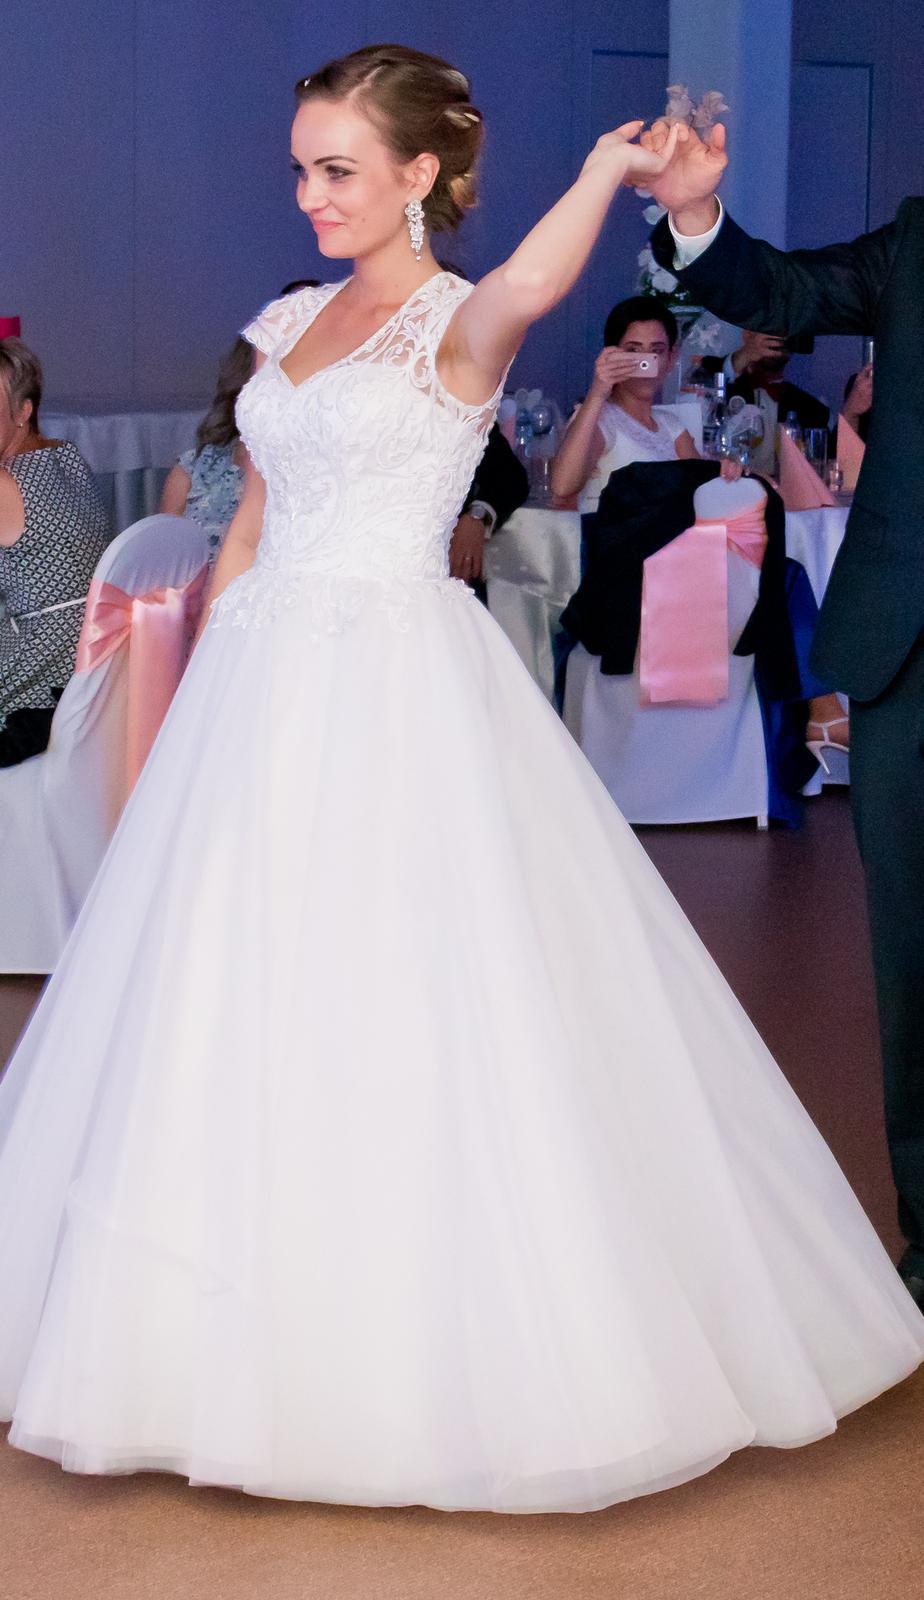 41d2725f3 Predaj svadobných šiat, 36 - 299 € | Svadobný bazár | Mojasvadba.sk